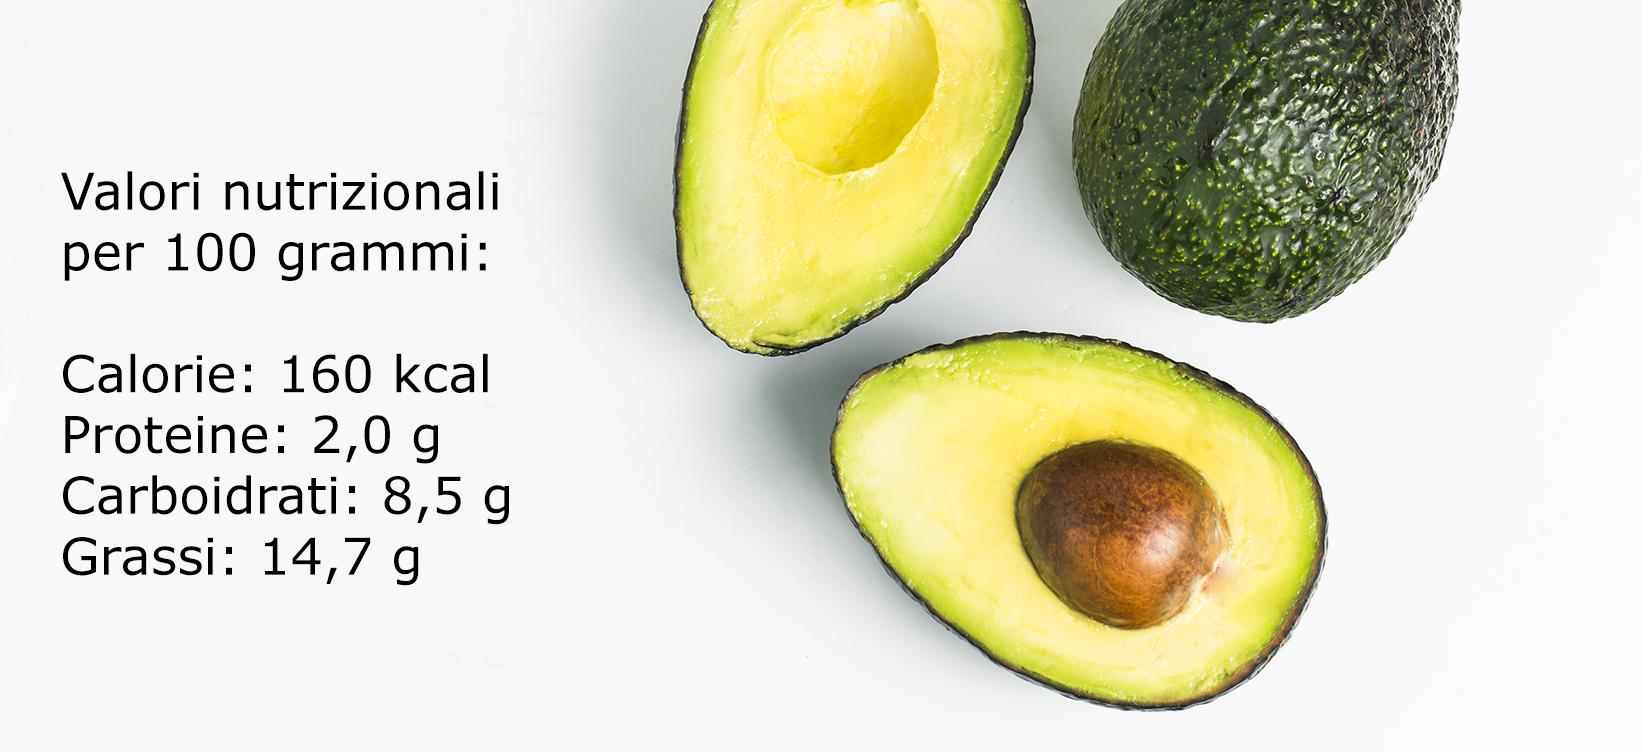 avocado tabella nutrizionale